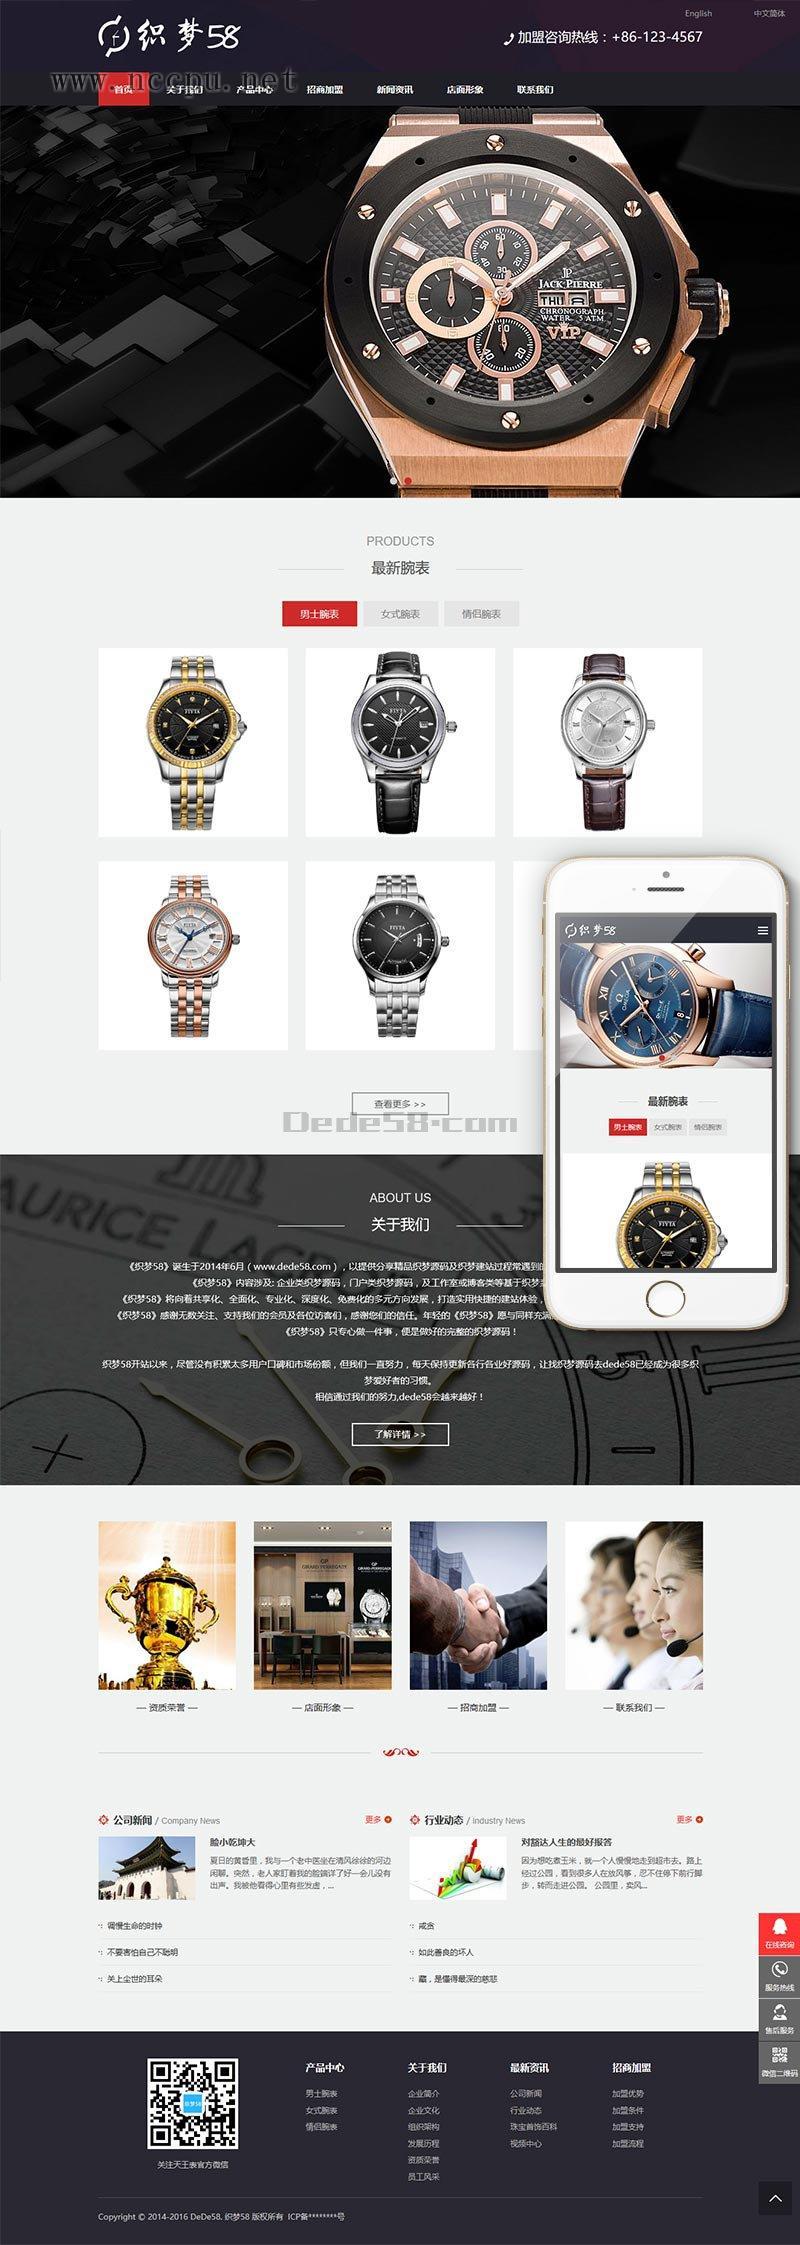 手表产品展示类欧宝娱乐代理申请建设案例「响应式」